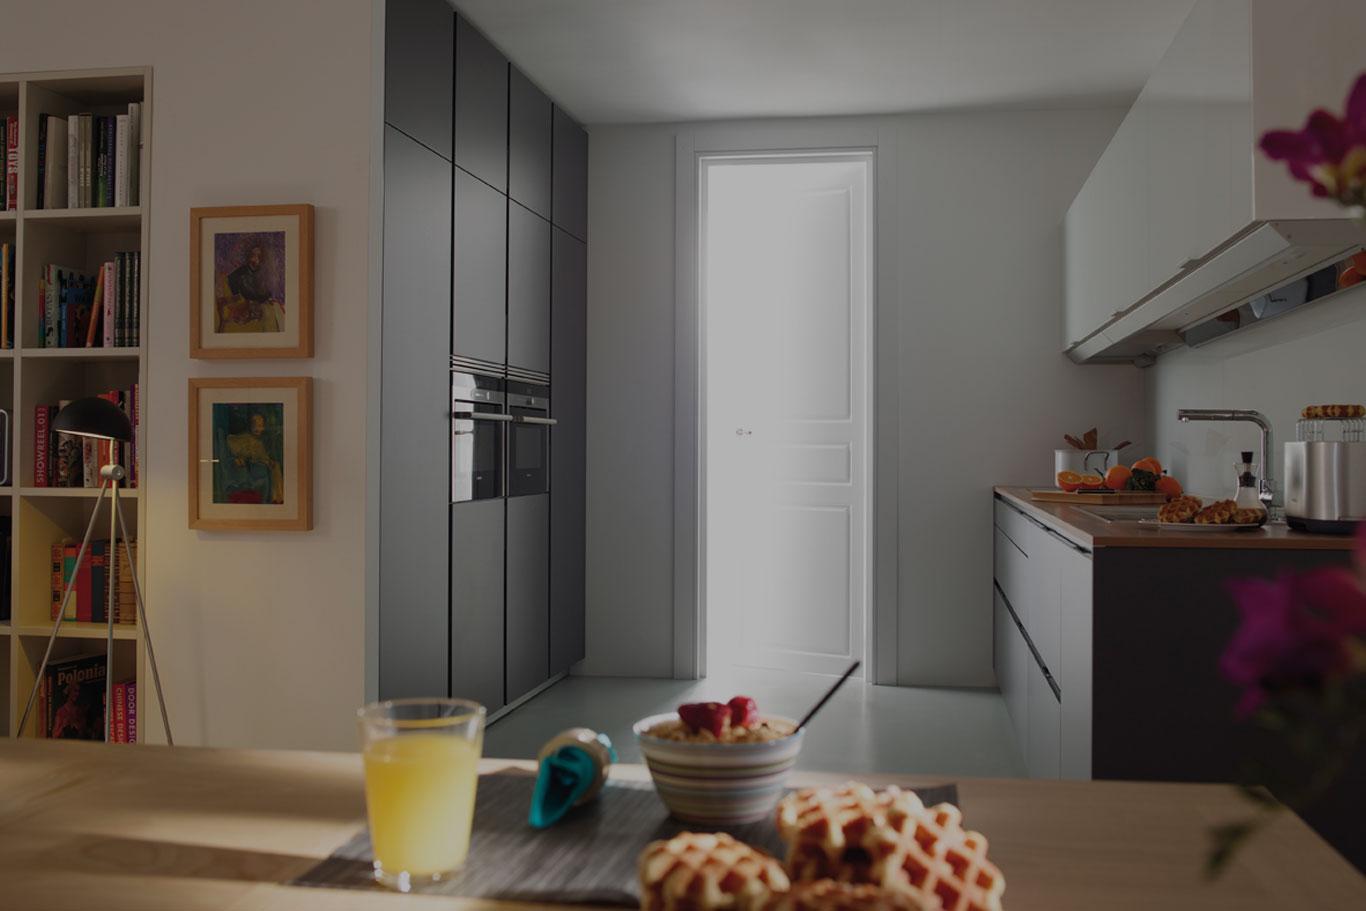 Docrys estudio de cocinas madrid muebles dise o y reformasocinas muebles de cocinas madrid - Estudio diseno madrid ...